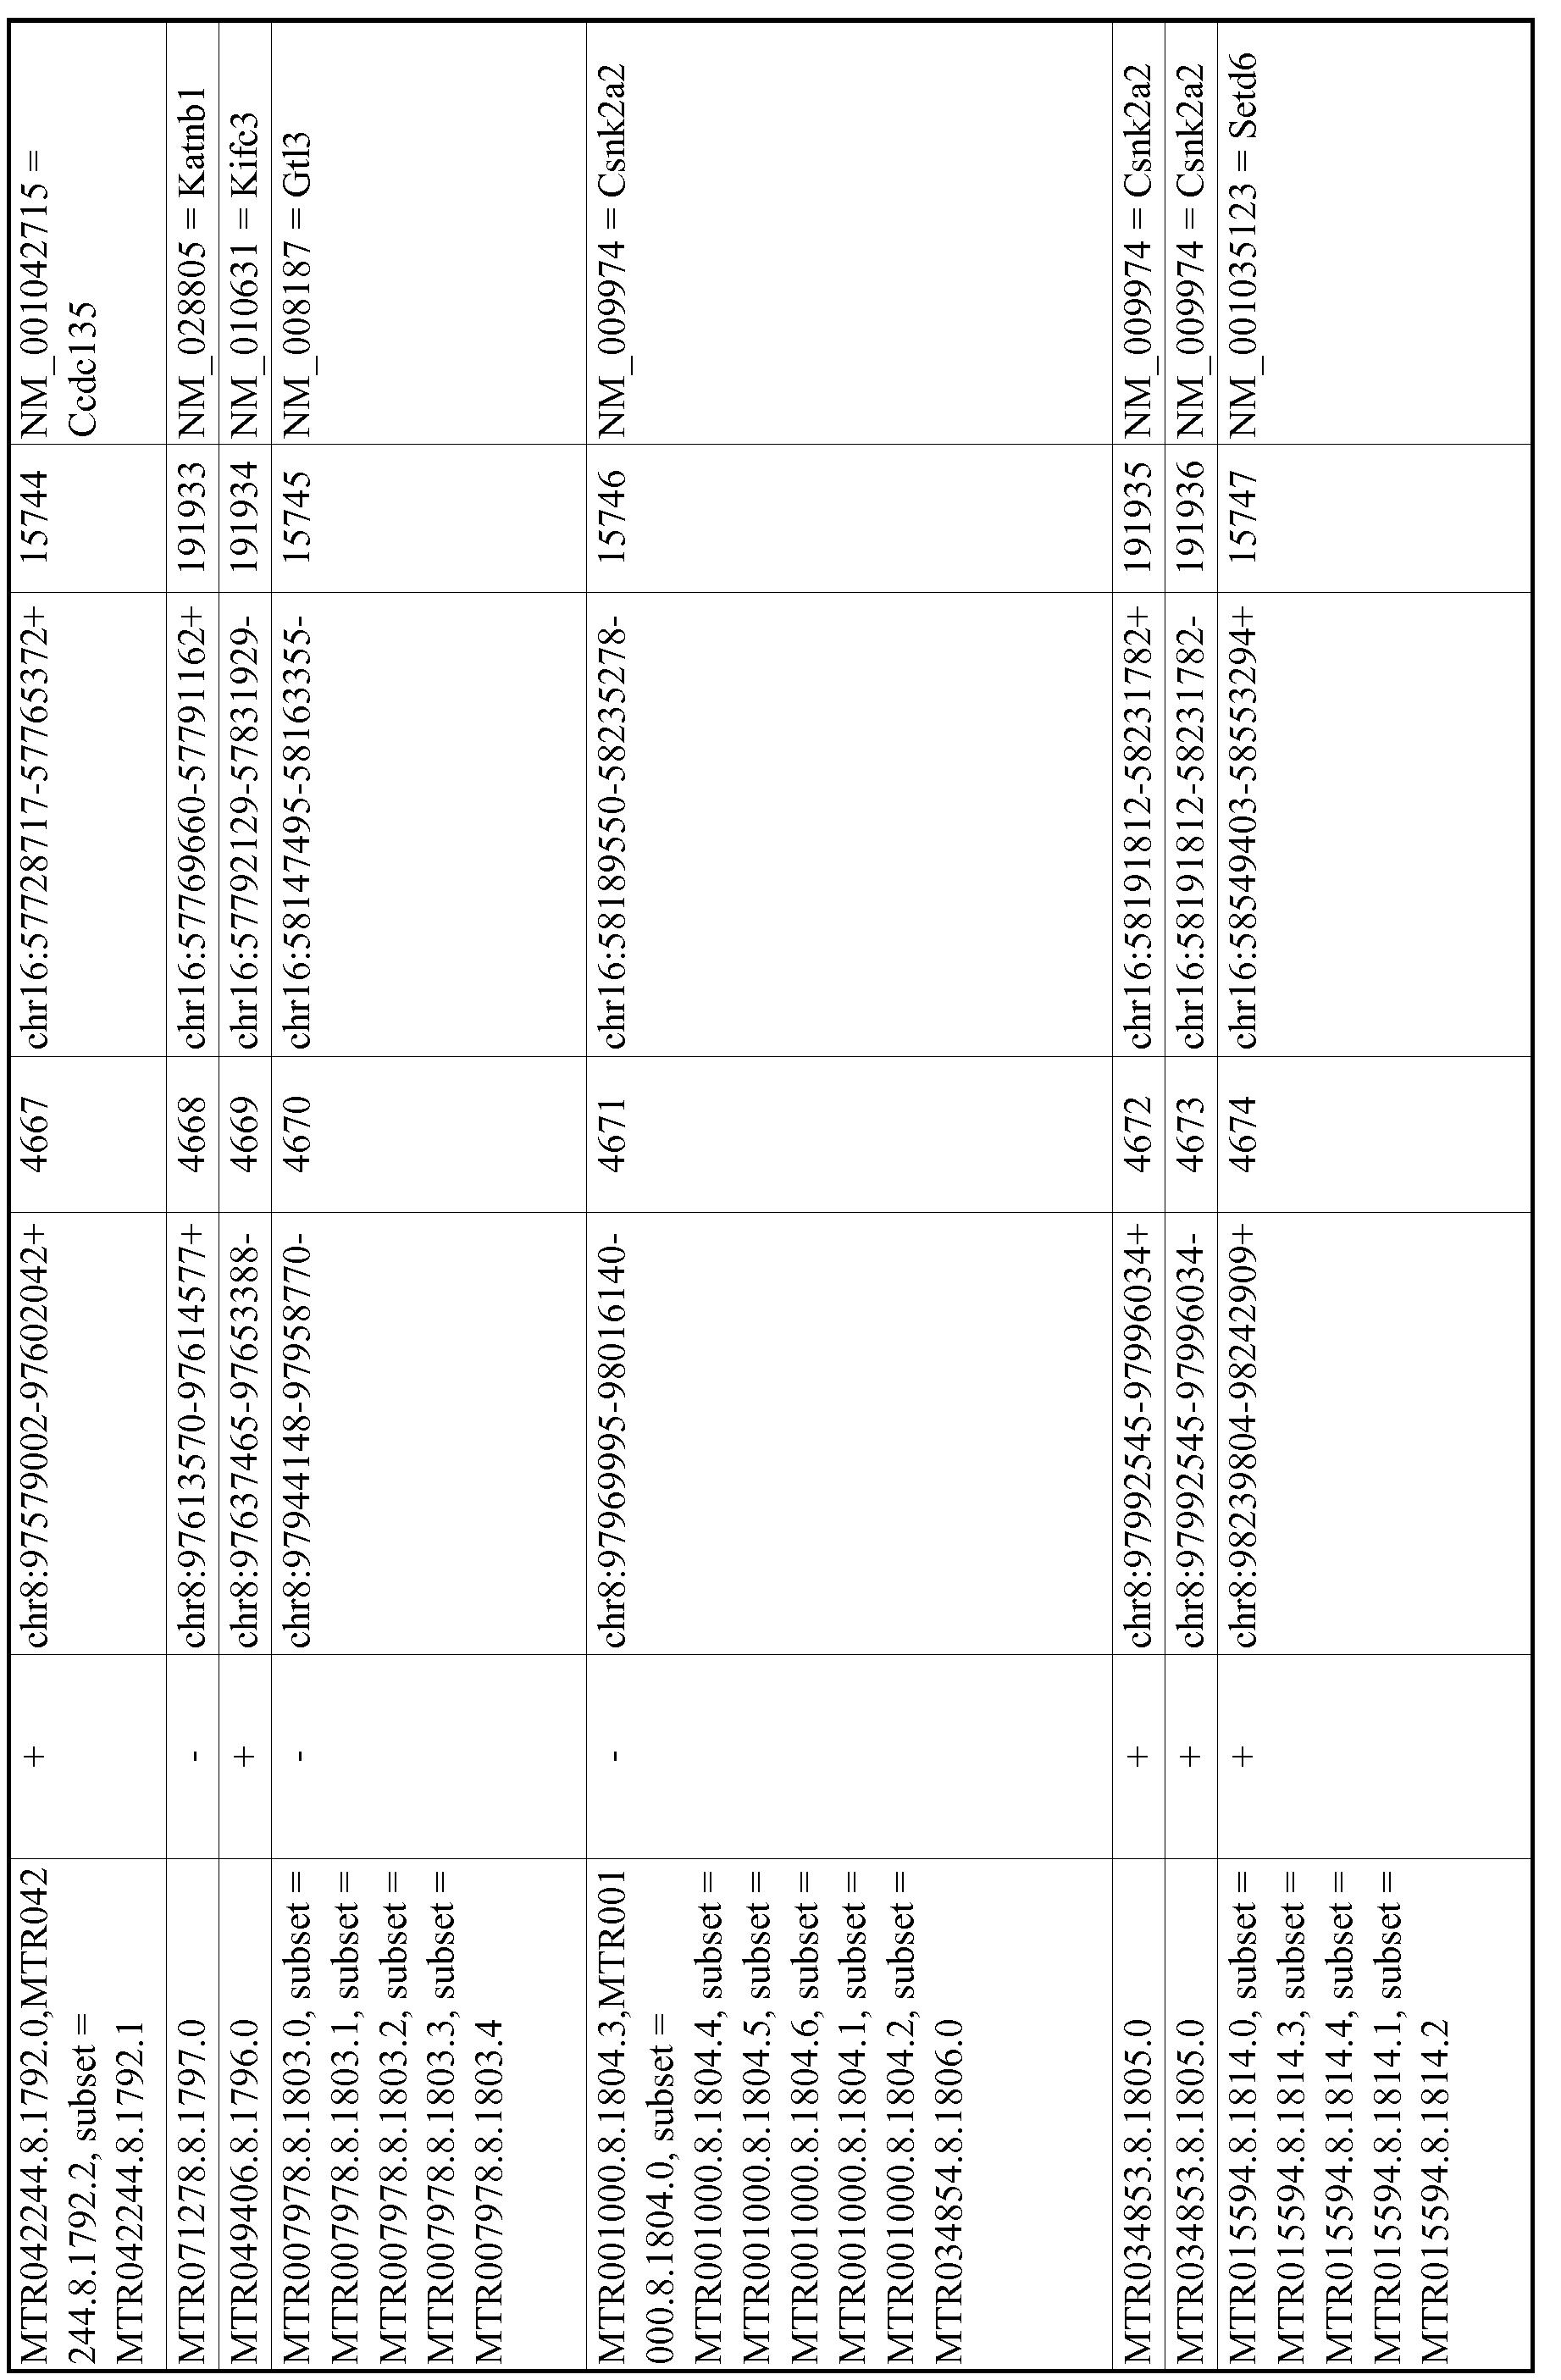 Figure imgf000866_0001